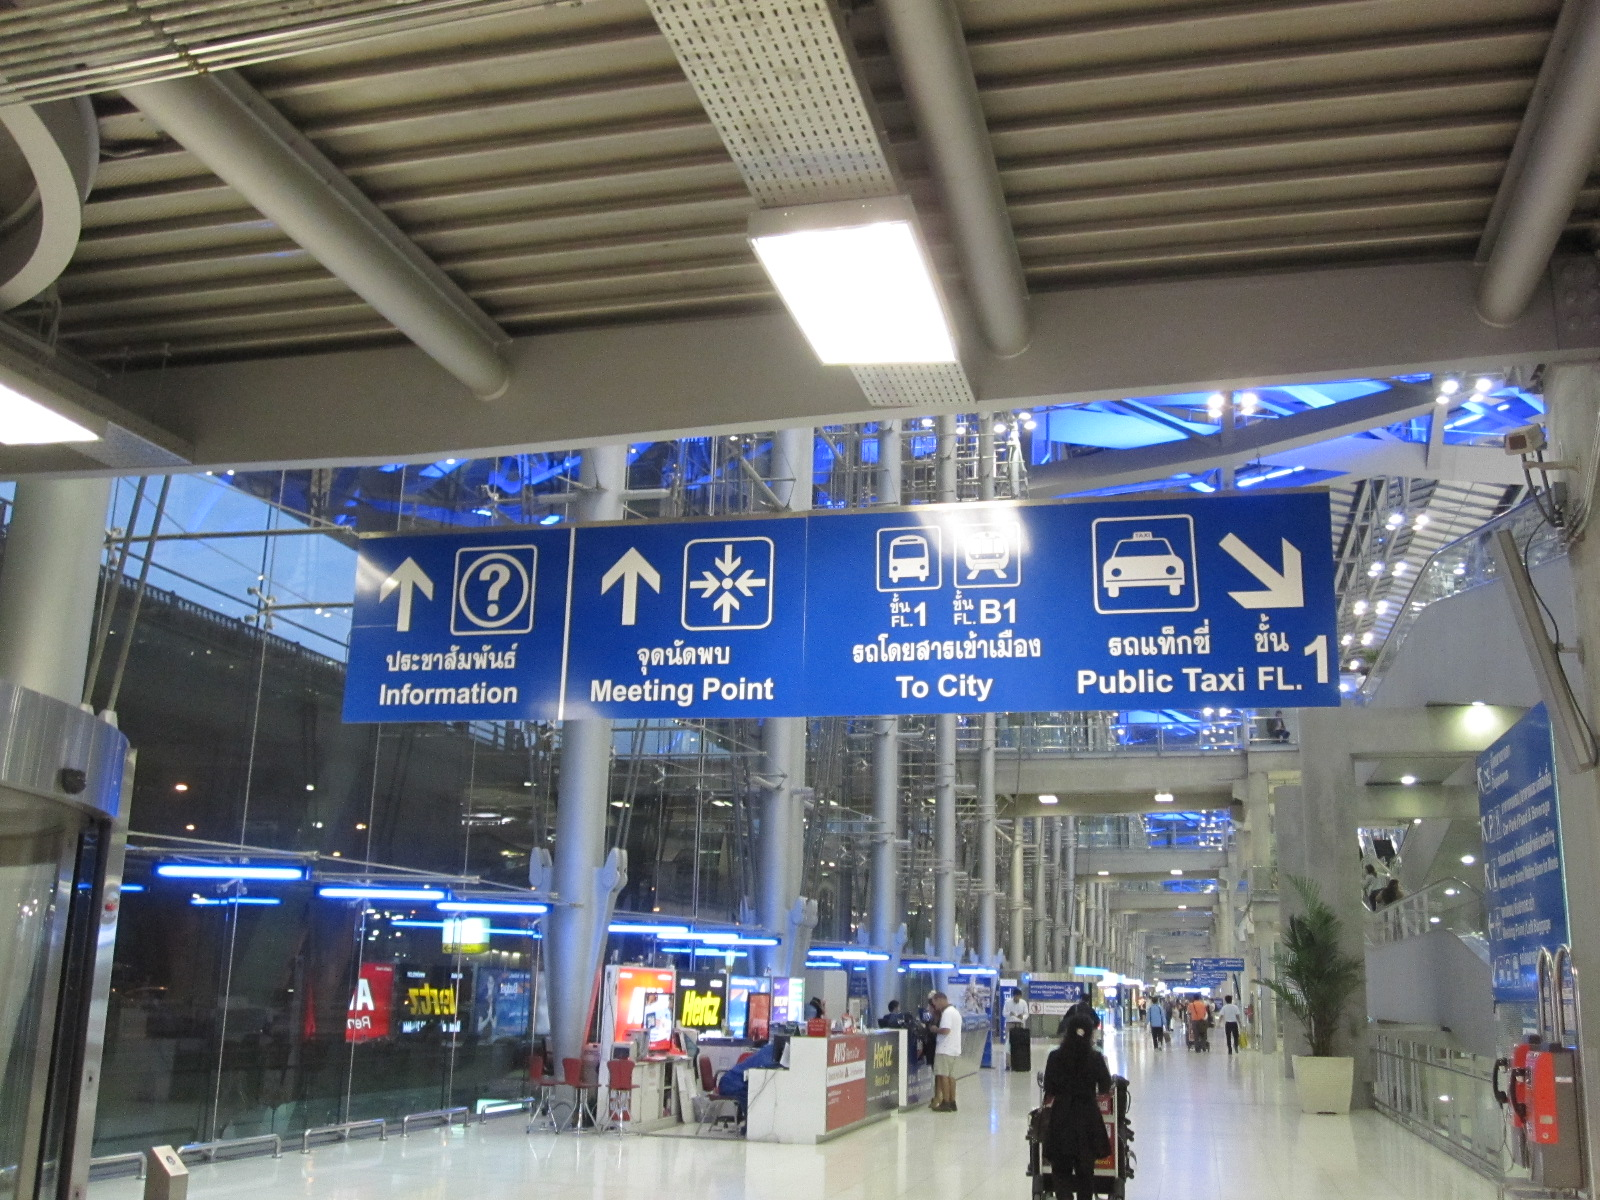 空港 タクシー乗り場へ